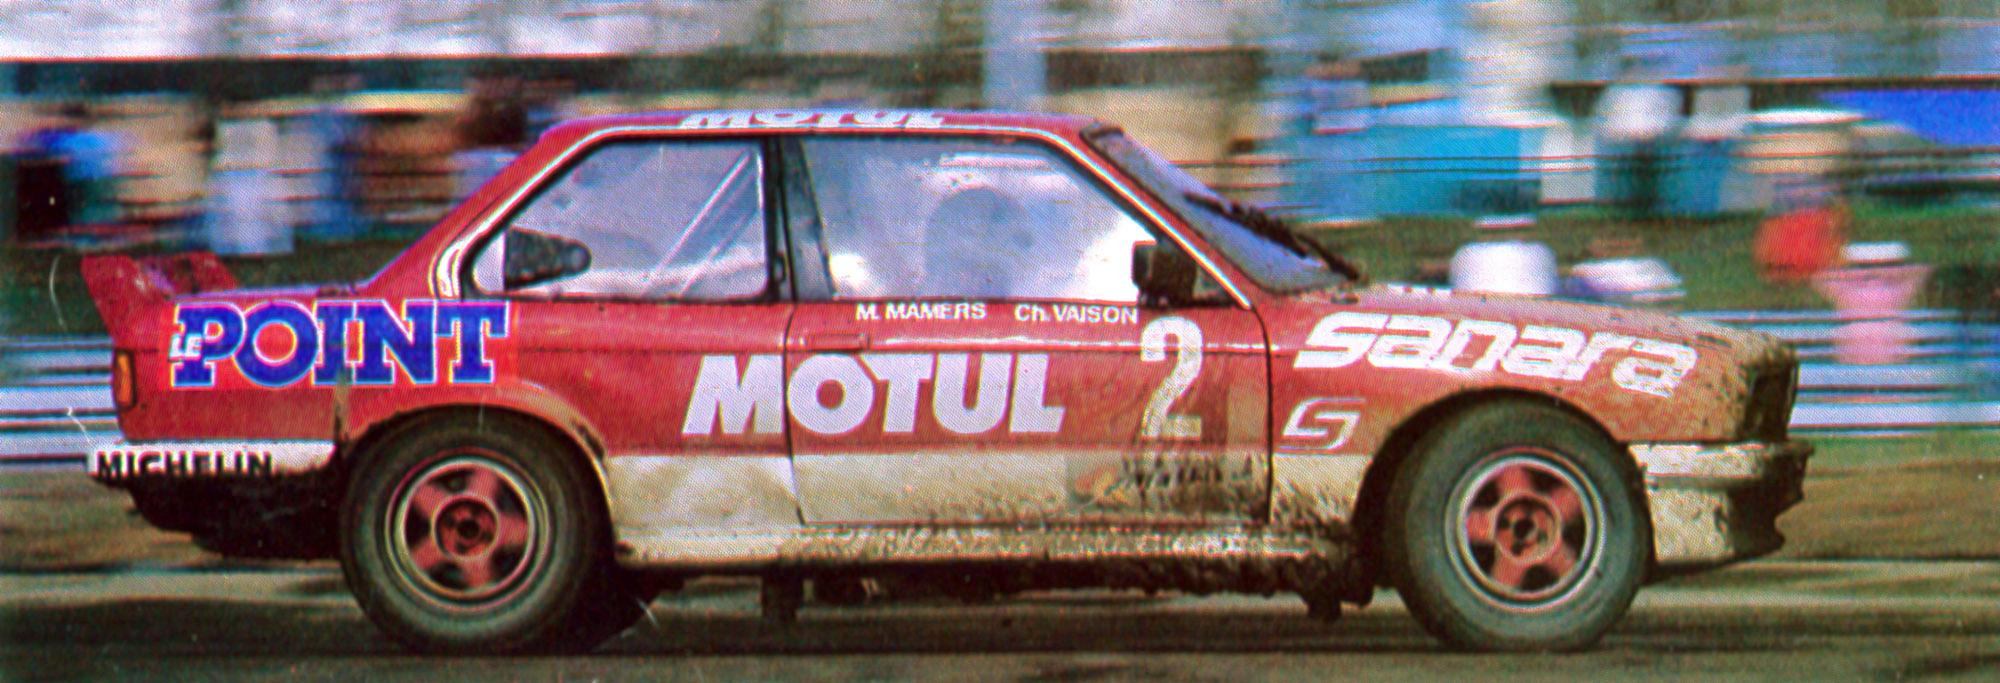 1989 - BMW 325 IX - 24h de Paris